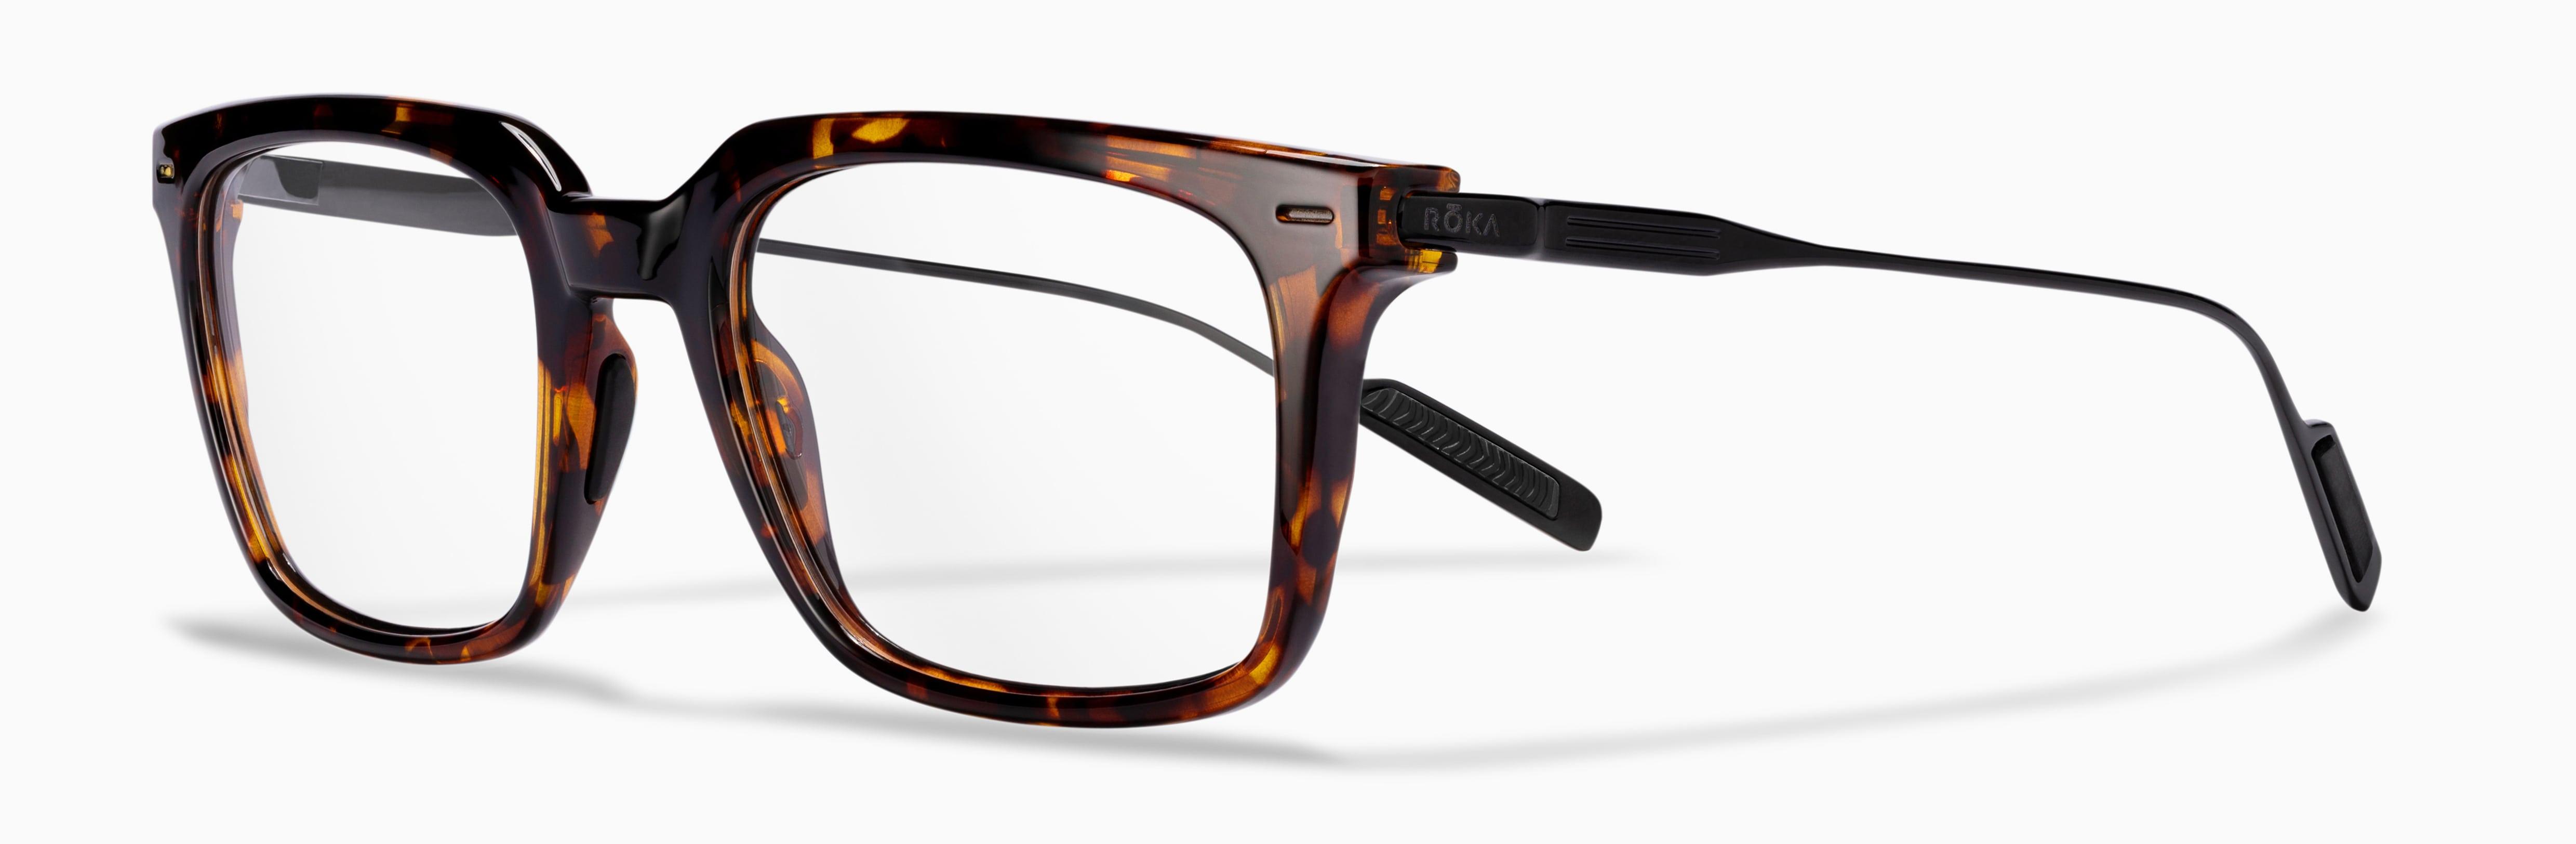 Booker prescription glasses